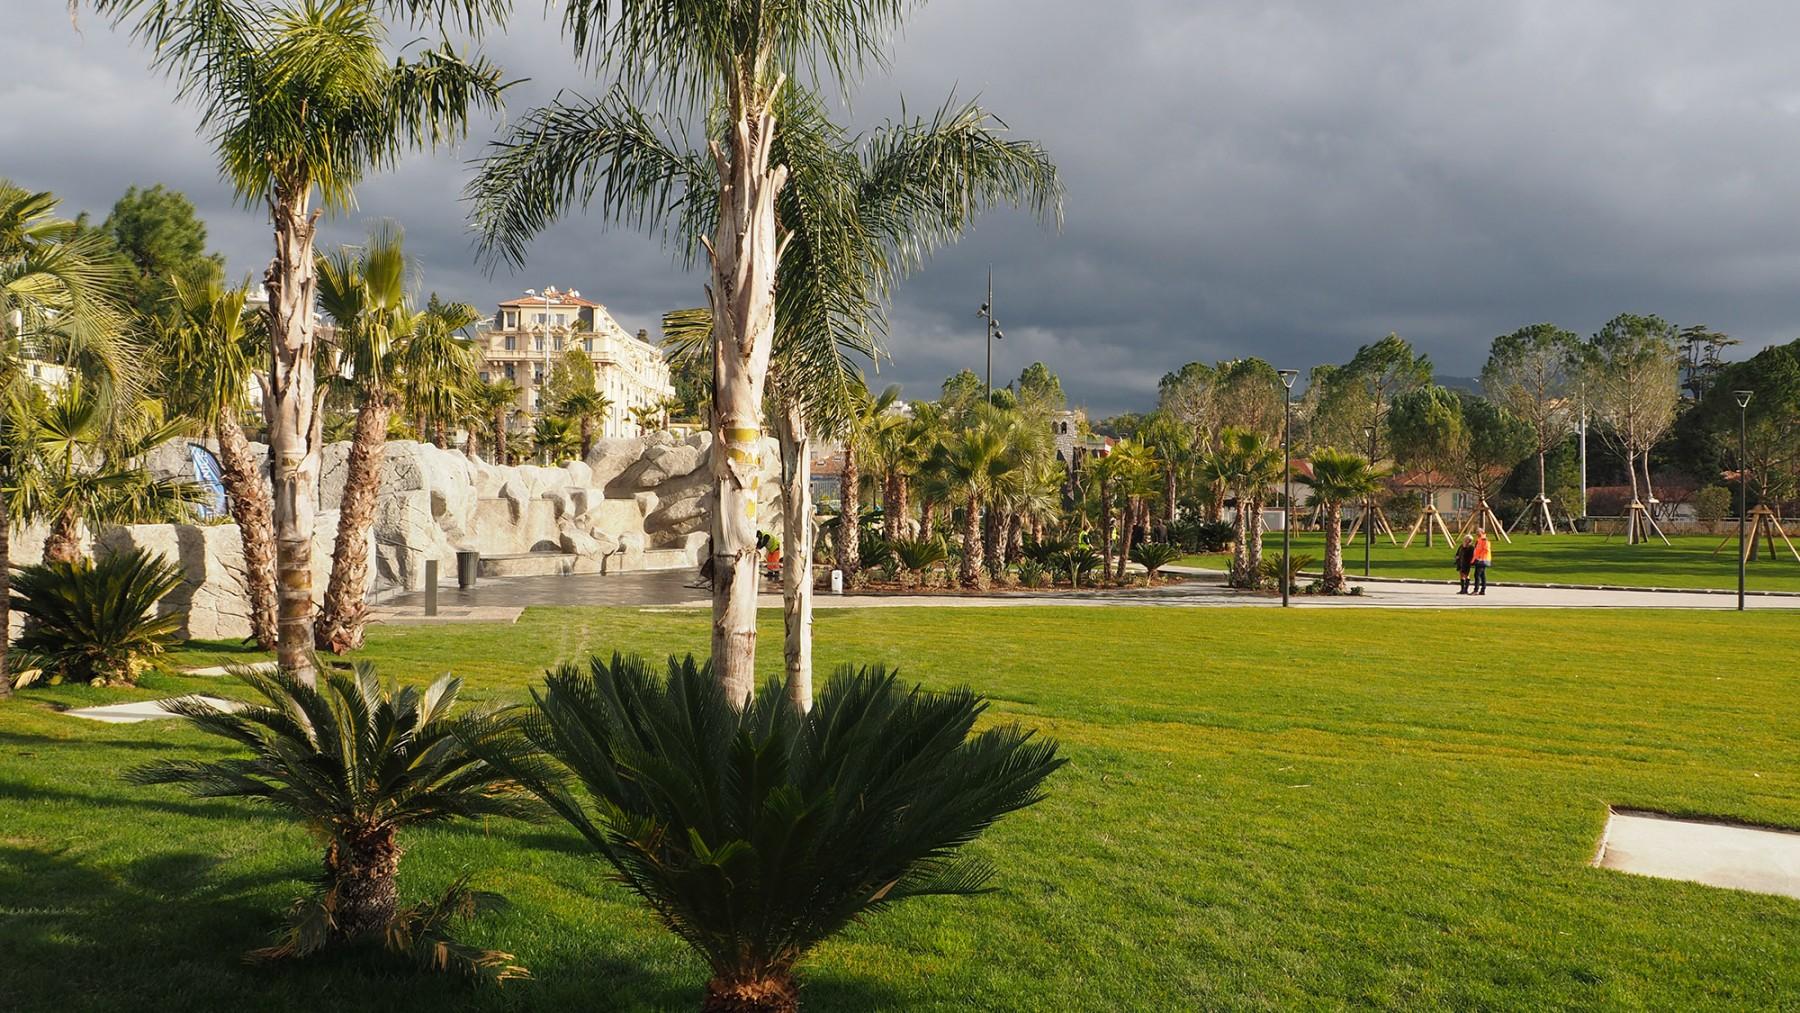 Parc du Ray - Nice - La grande pelouse et la fontaine